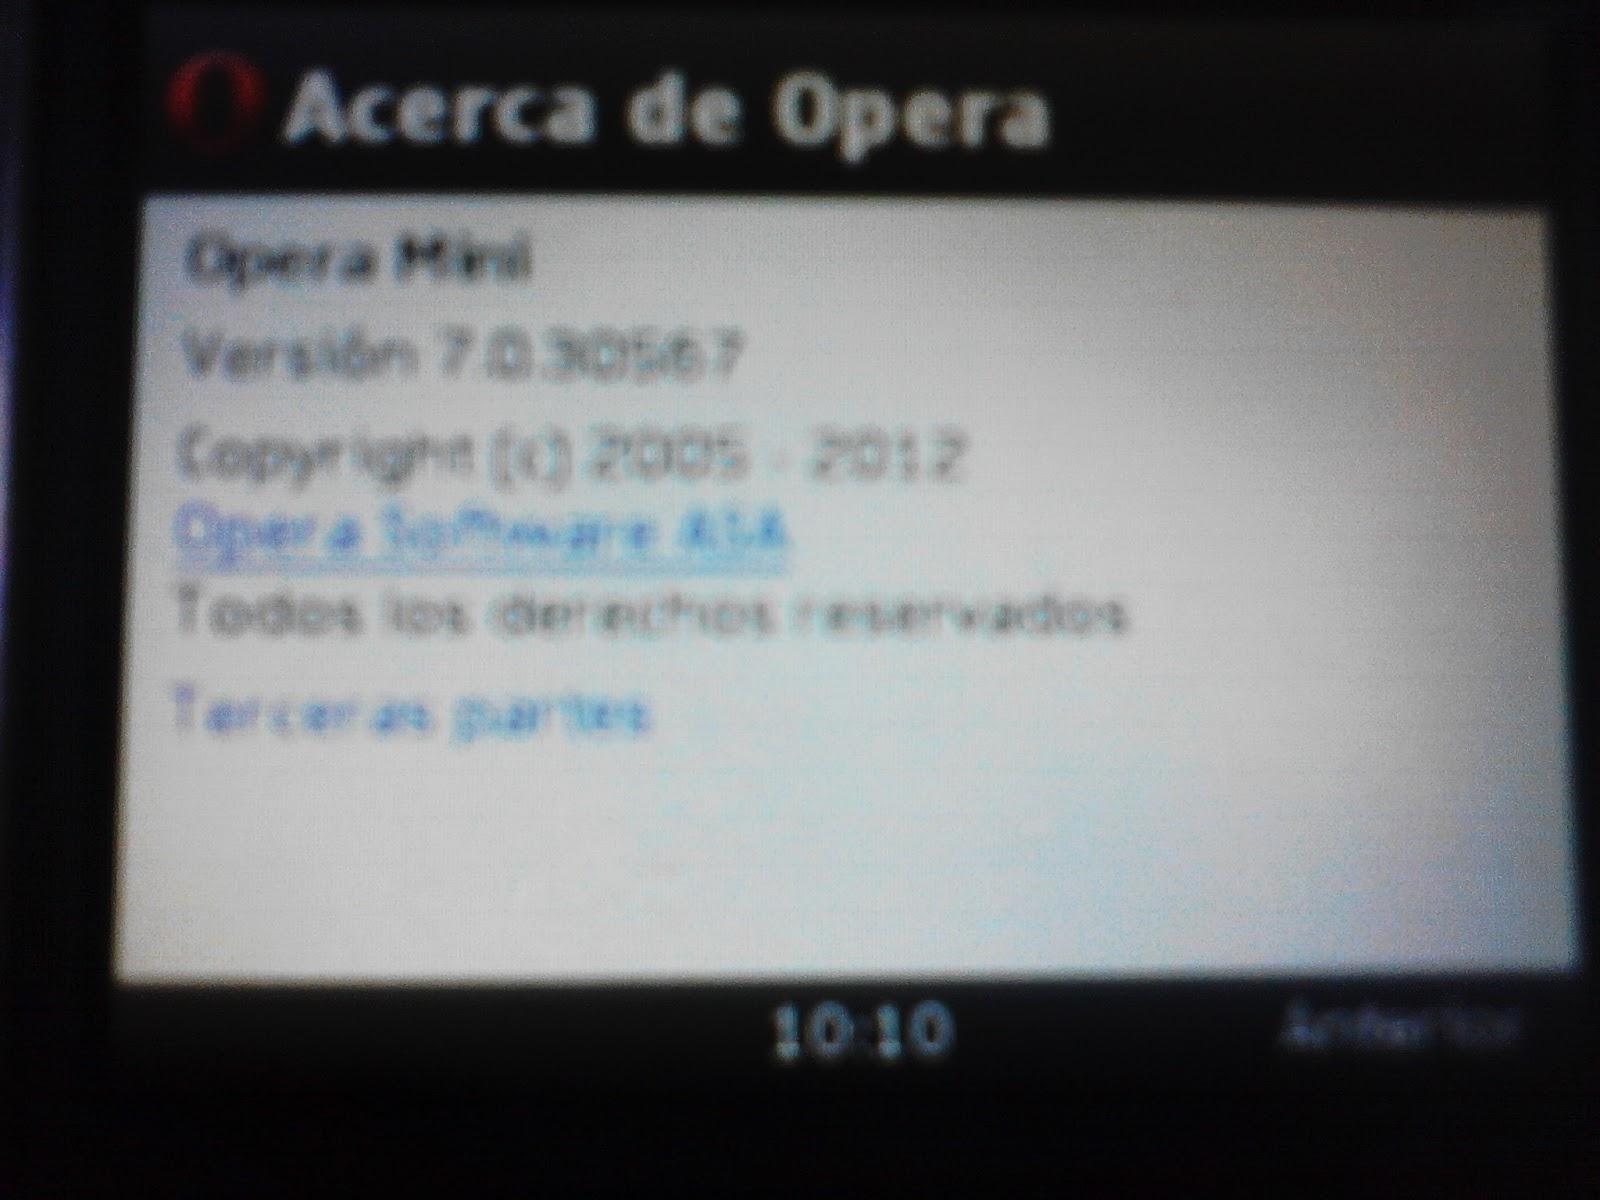 опера мини сис 240: